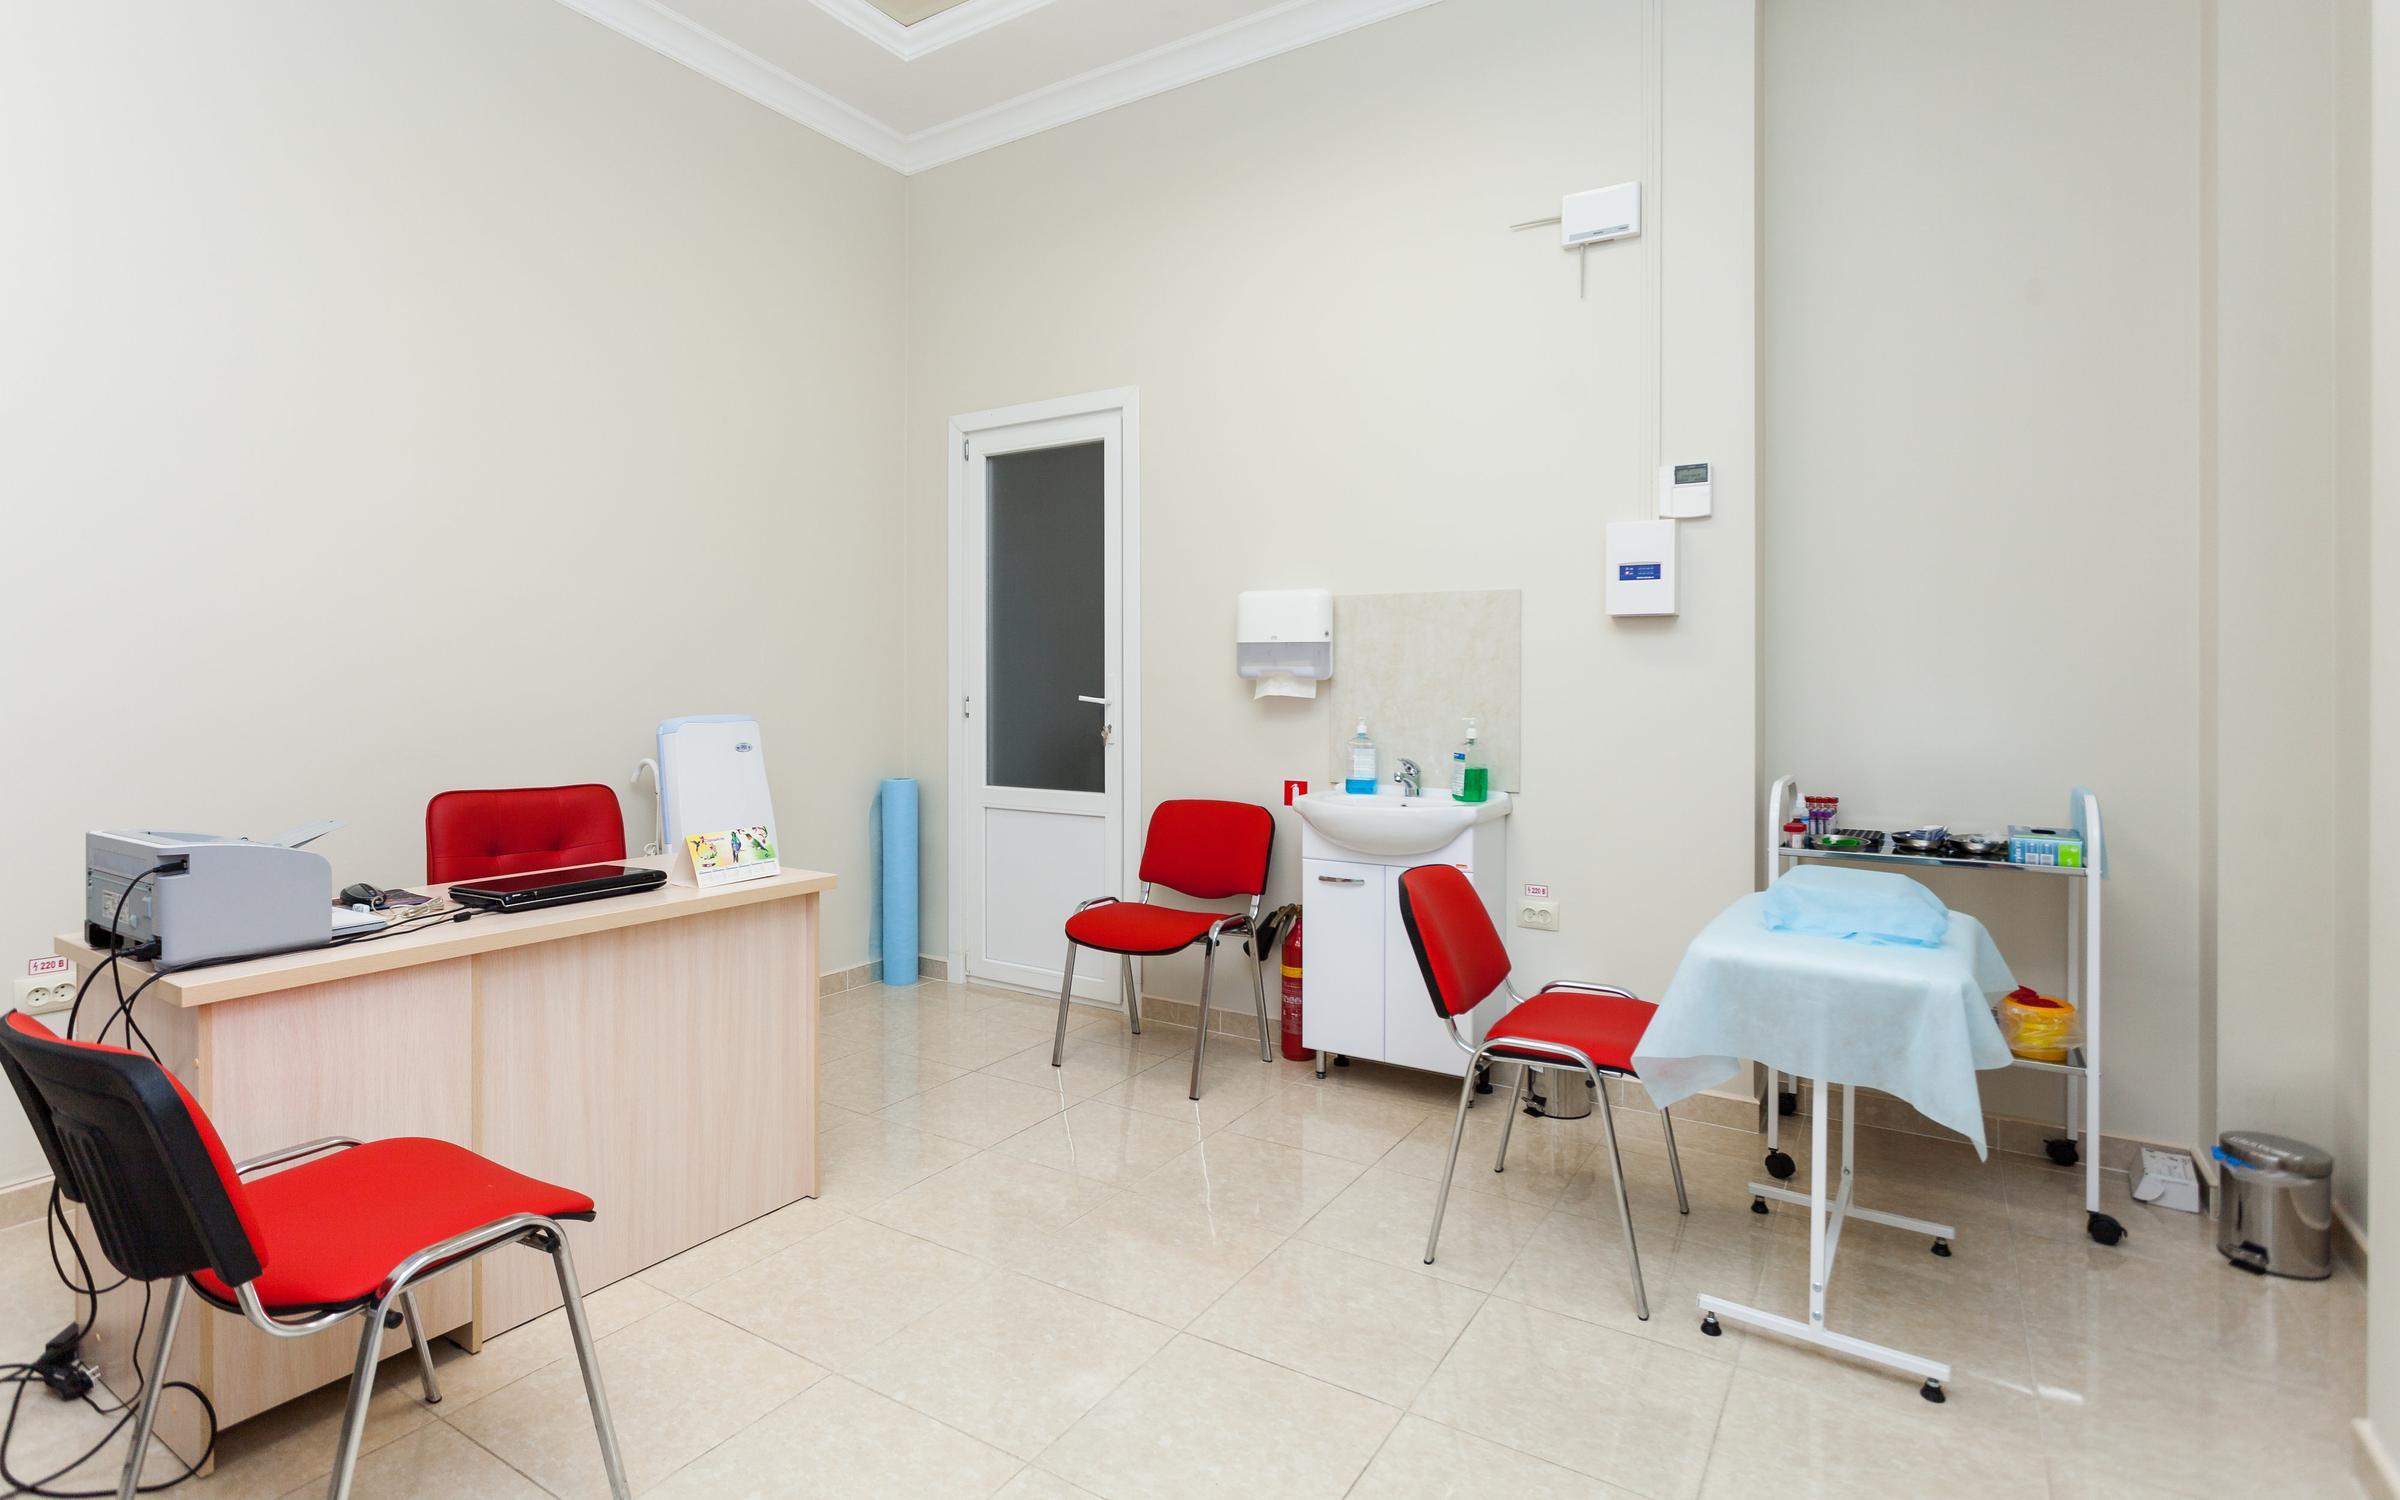 фотография Медицинского центра Номер Восемь на Советской улице